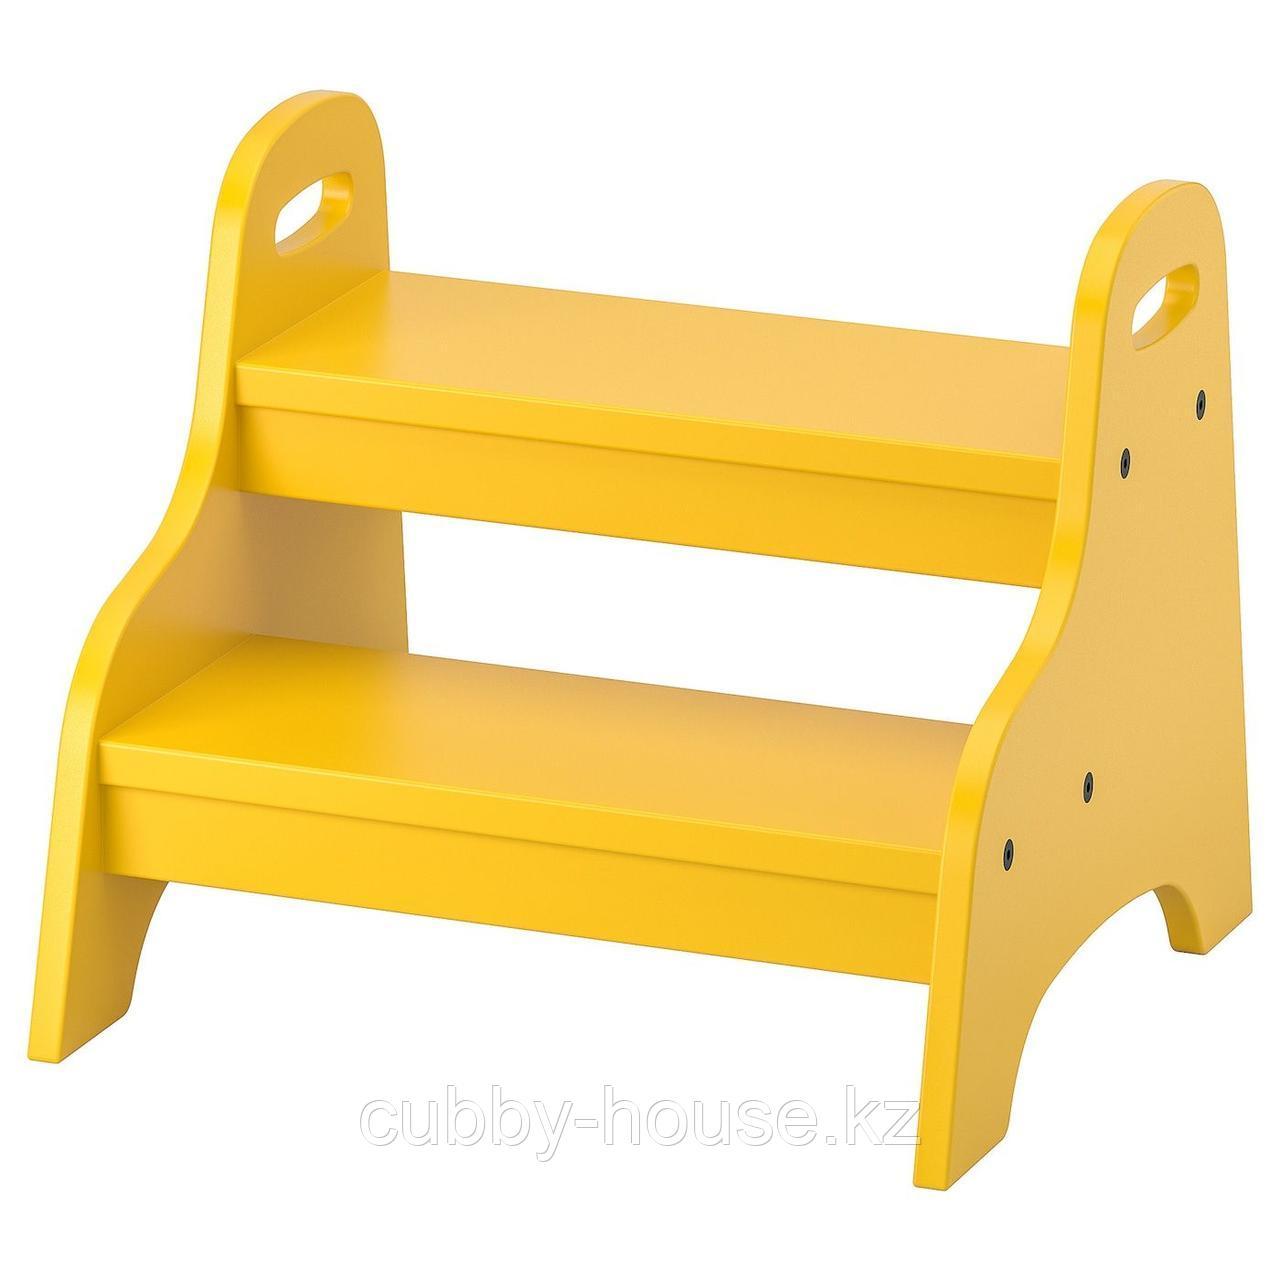 ТРУГЕН Детский табурет-лестница, желтый, 40x38x33 см